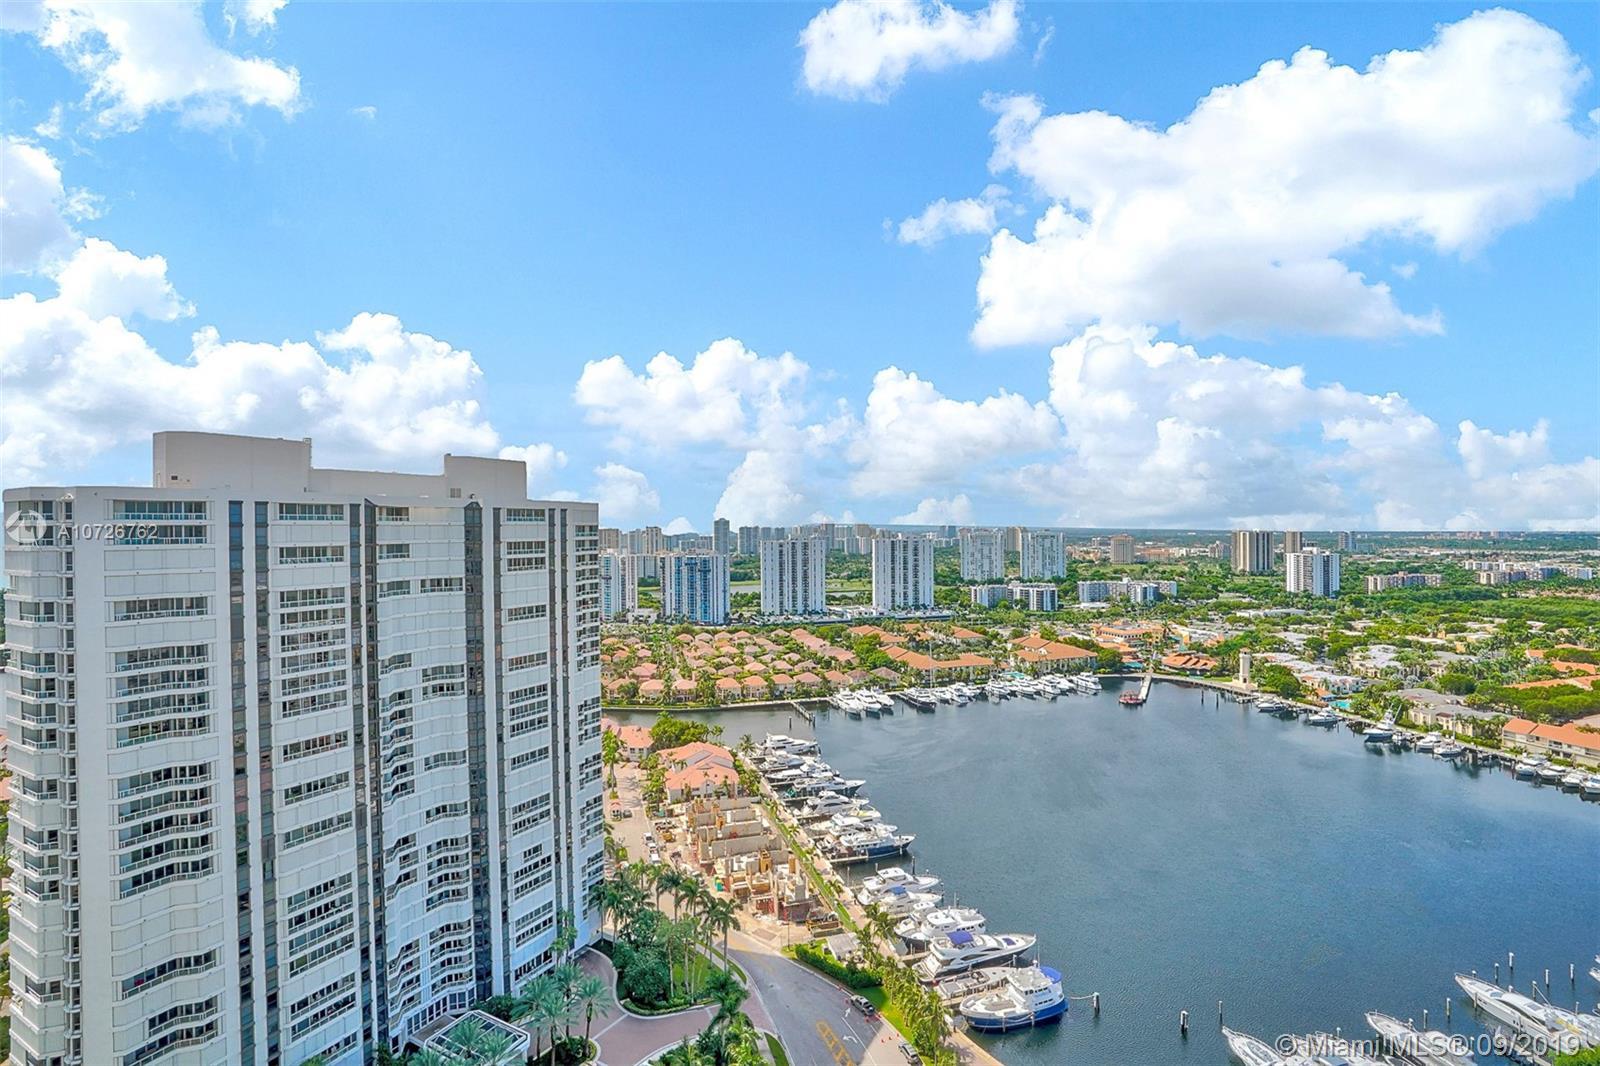 21205 Yacht Club Dr 3108, Aventura, FL 33180